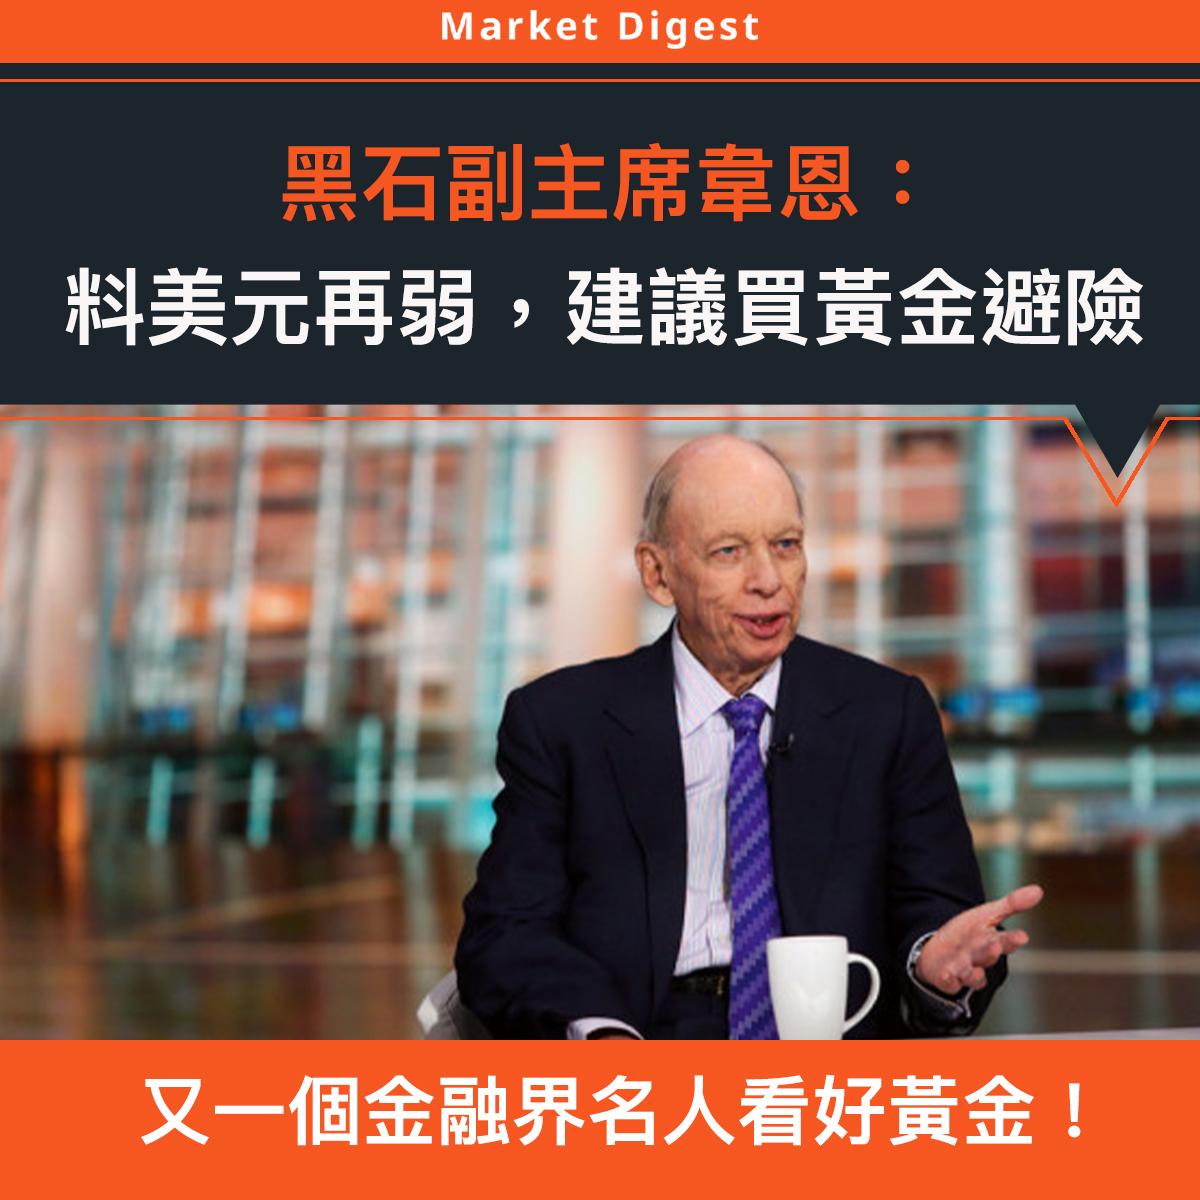 【市場熱話】黑石副主席韋恩:料美元再弱,建議買黃金避險